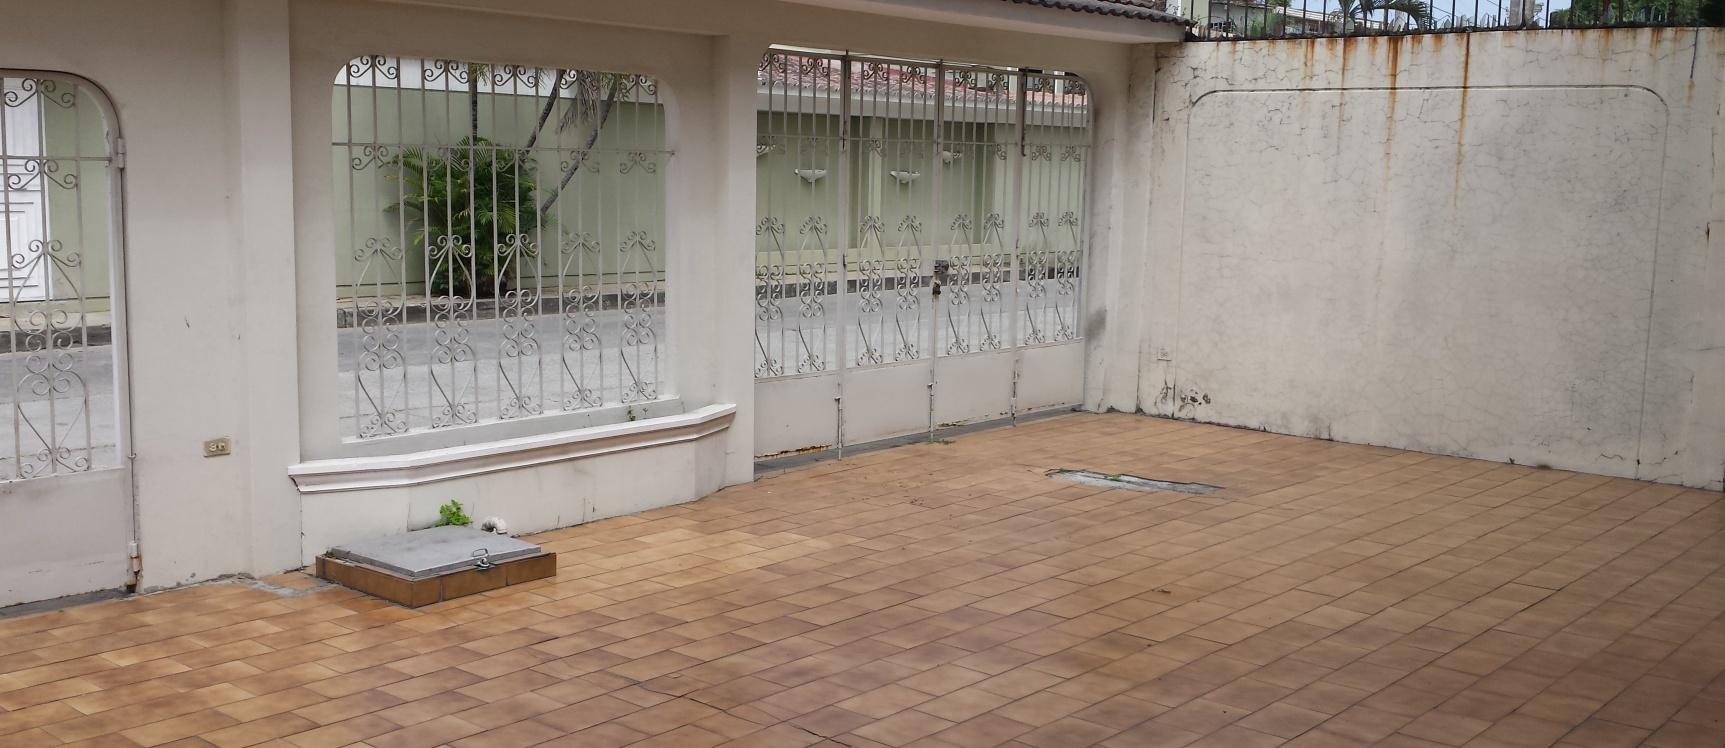 Vendo Casa De Dos Plantas En Los Almendros Guayaquil